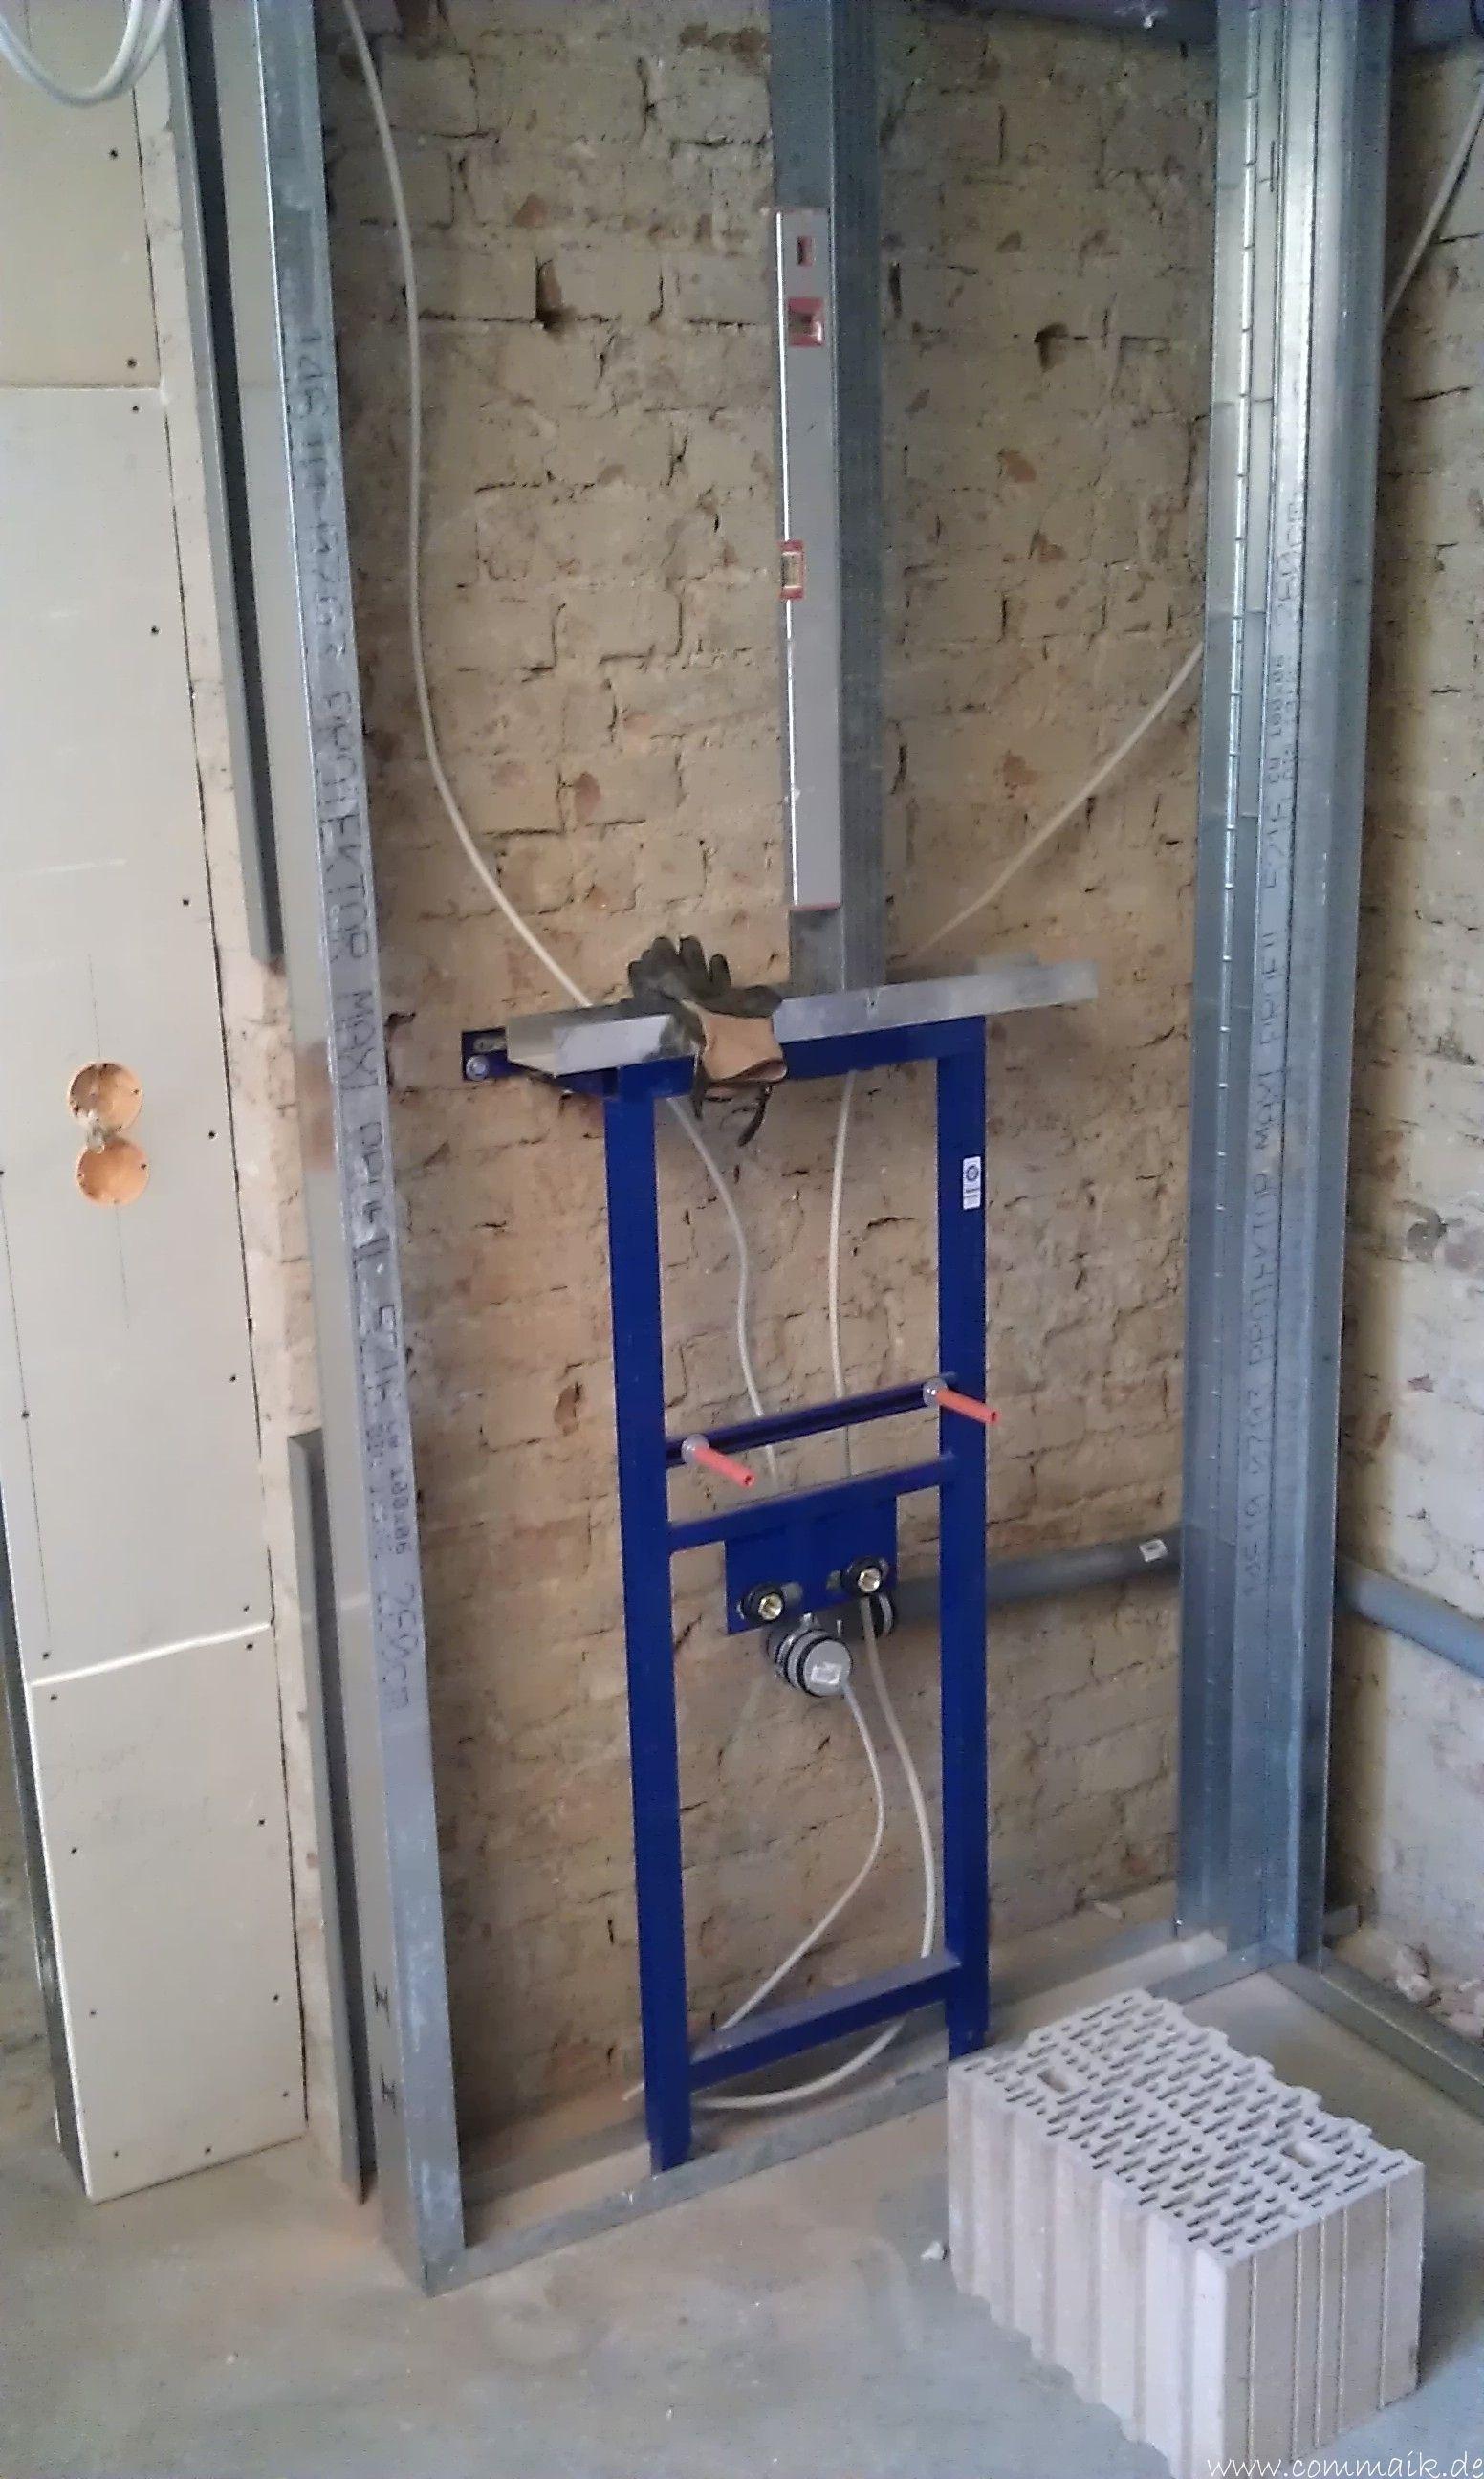 Trockenbau Und Sanitarinstallation Im Keller Die Kundentoilette Entsteht Trockenbau Im Keller Toiletten